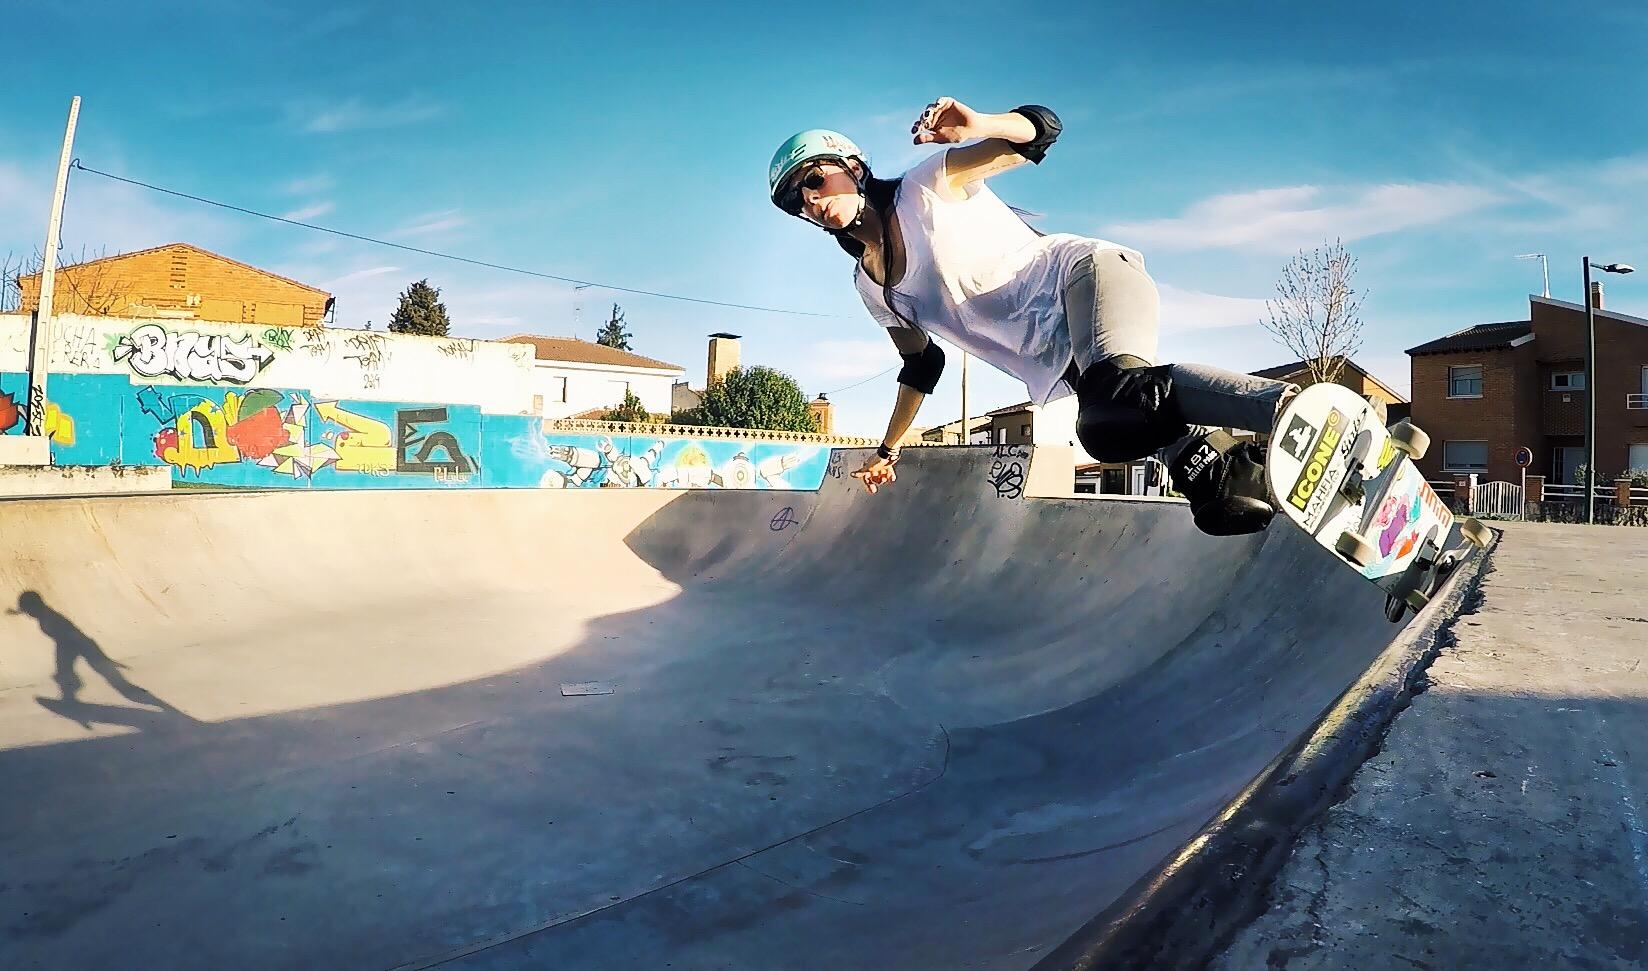 valeria kechichian, longboard girls crew, skate, skateboarding, cool, rad, strong women, longboarding, bowl, vans, hoopla skate, concrete wave skateshop, hawgs wheels, xs helmets, nnim